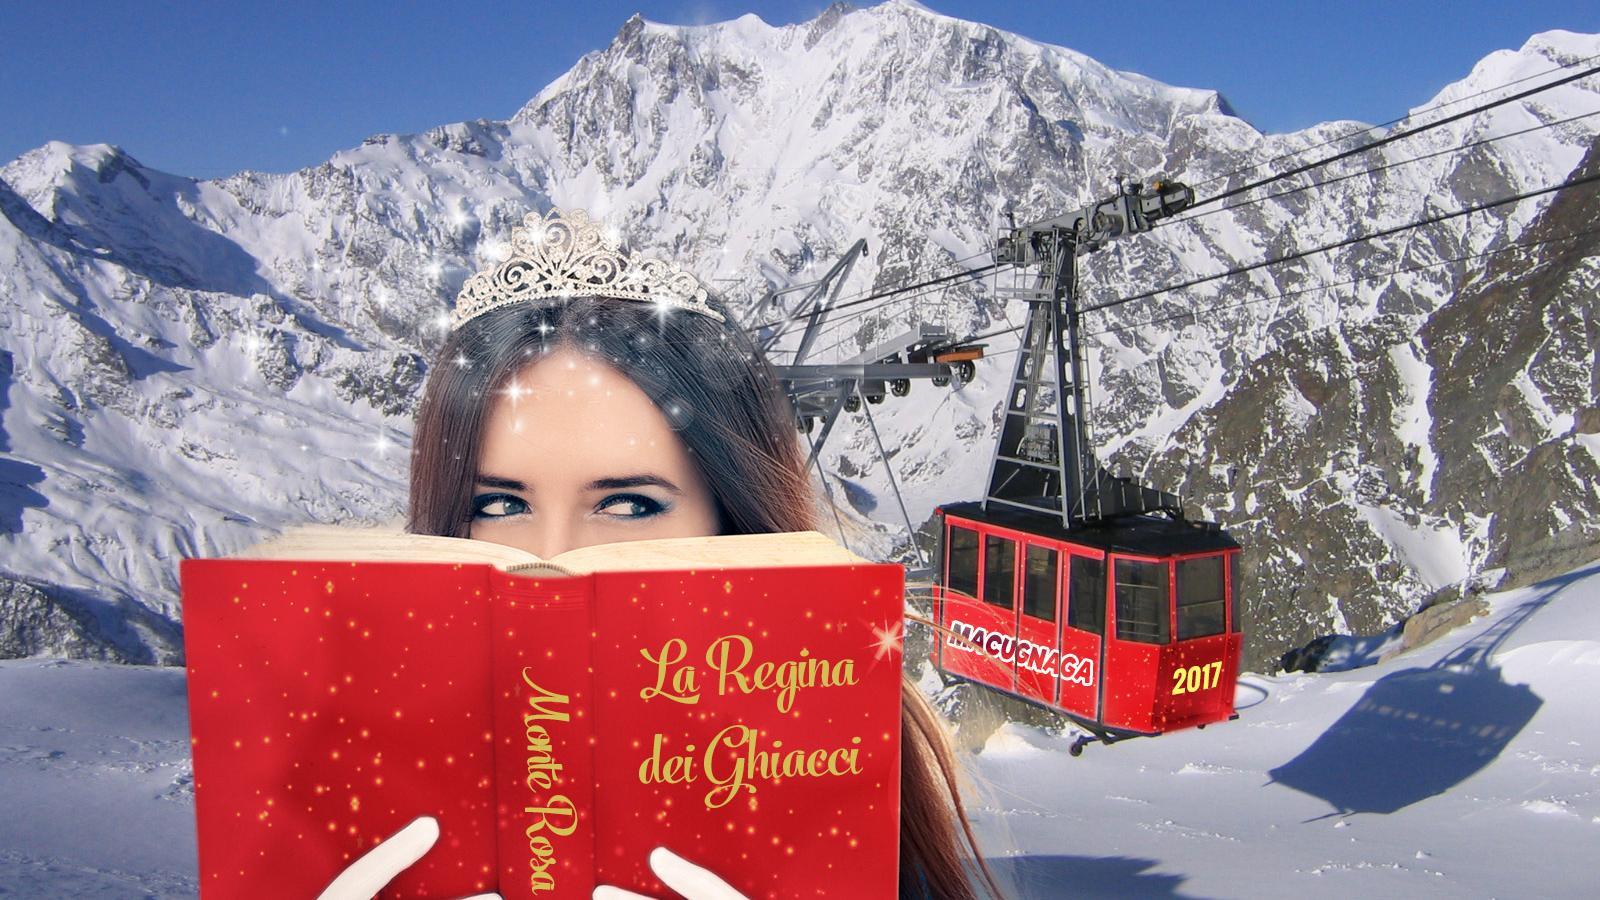 Incontro spettacolo con la Regina dei Ghiacci con salita in funivia all'Alpe Bill